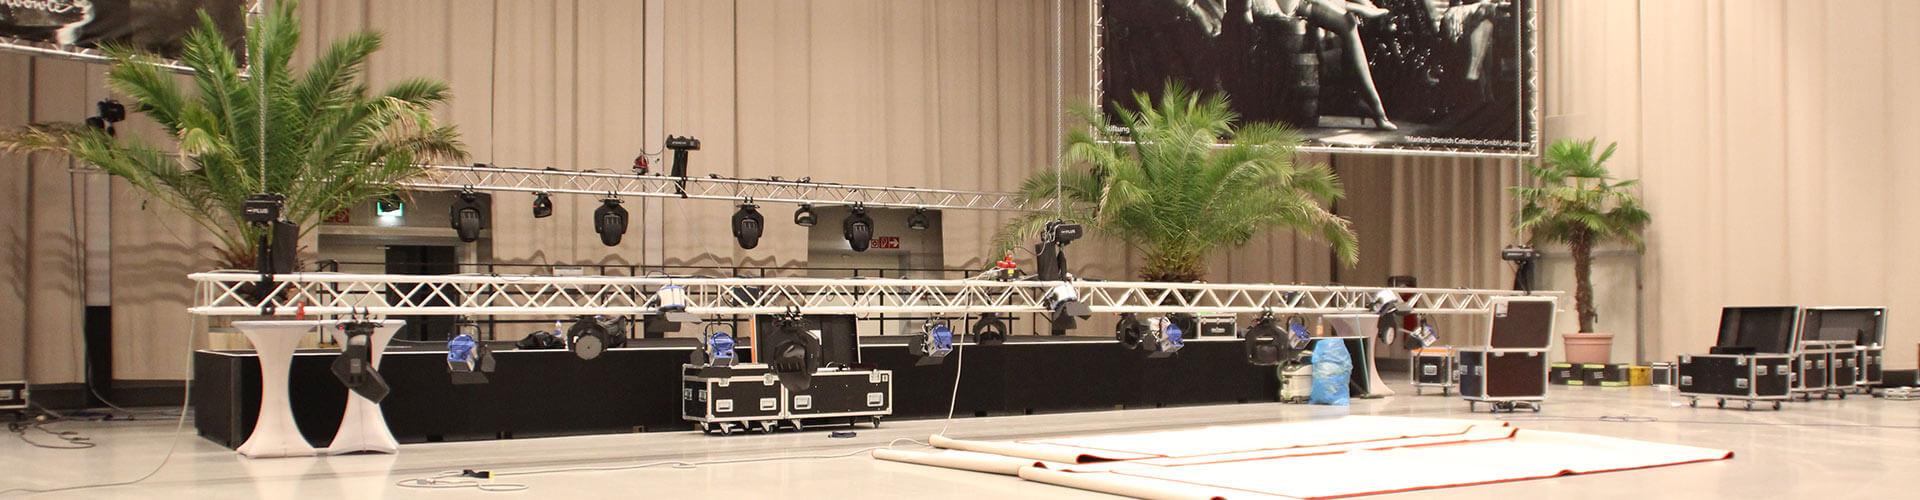 Bühnenlicht mieten